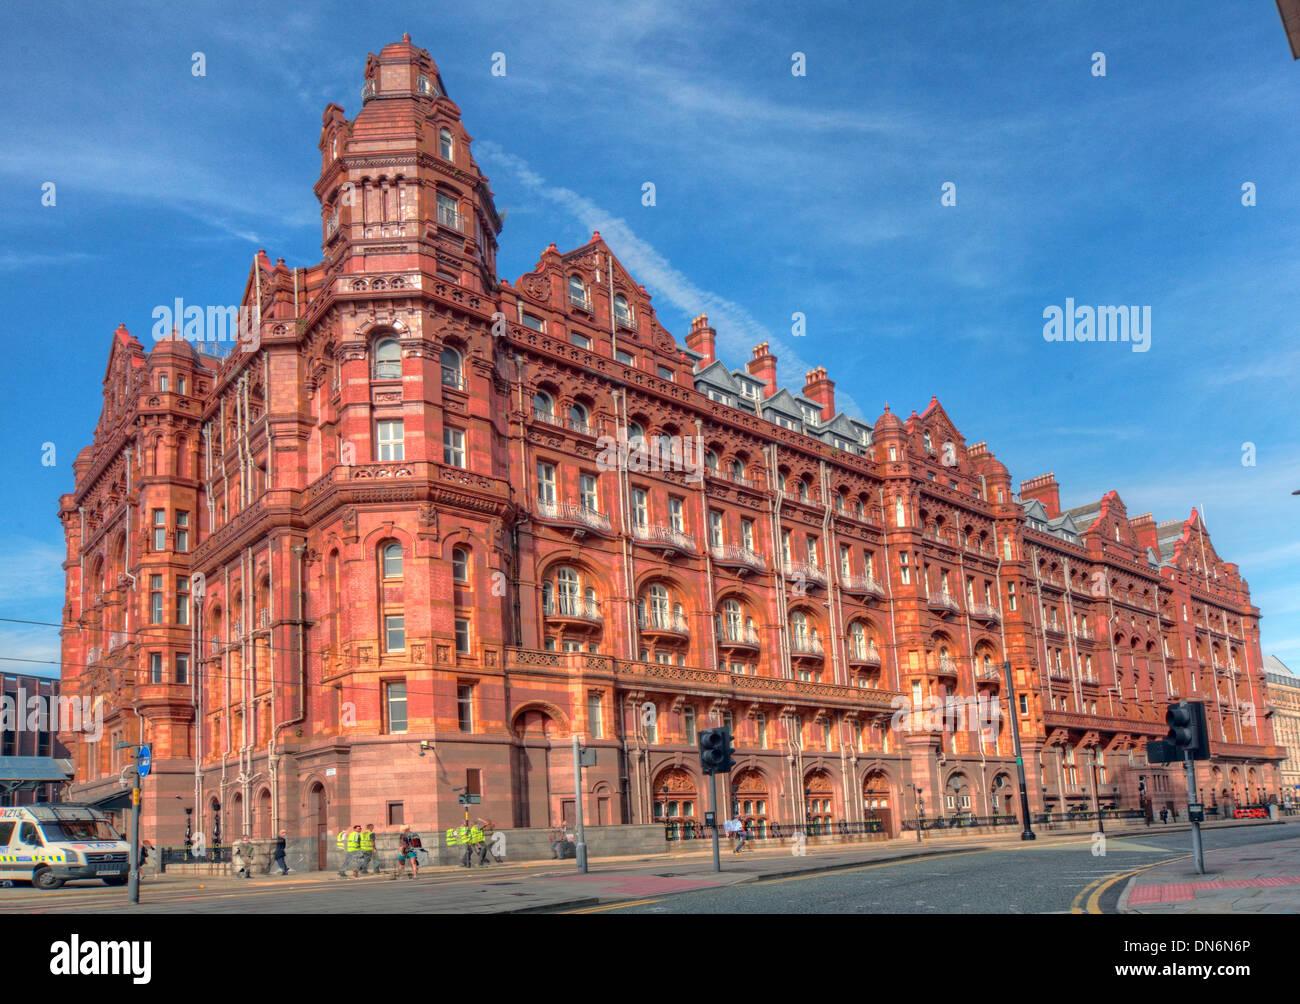 Laden Sie dieses Alamy Stockfoto Midland Hotel Manchester, Sommer, England, UK - DN6N6P